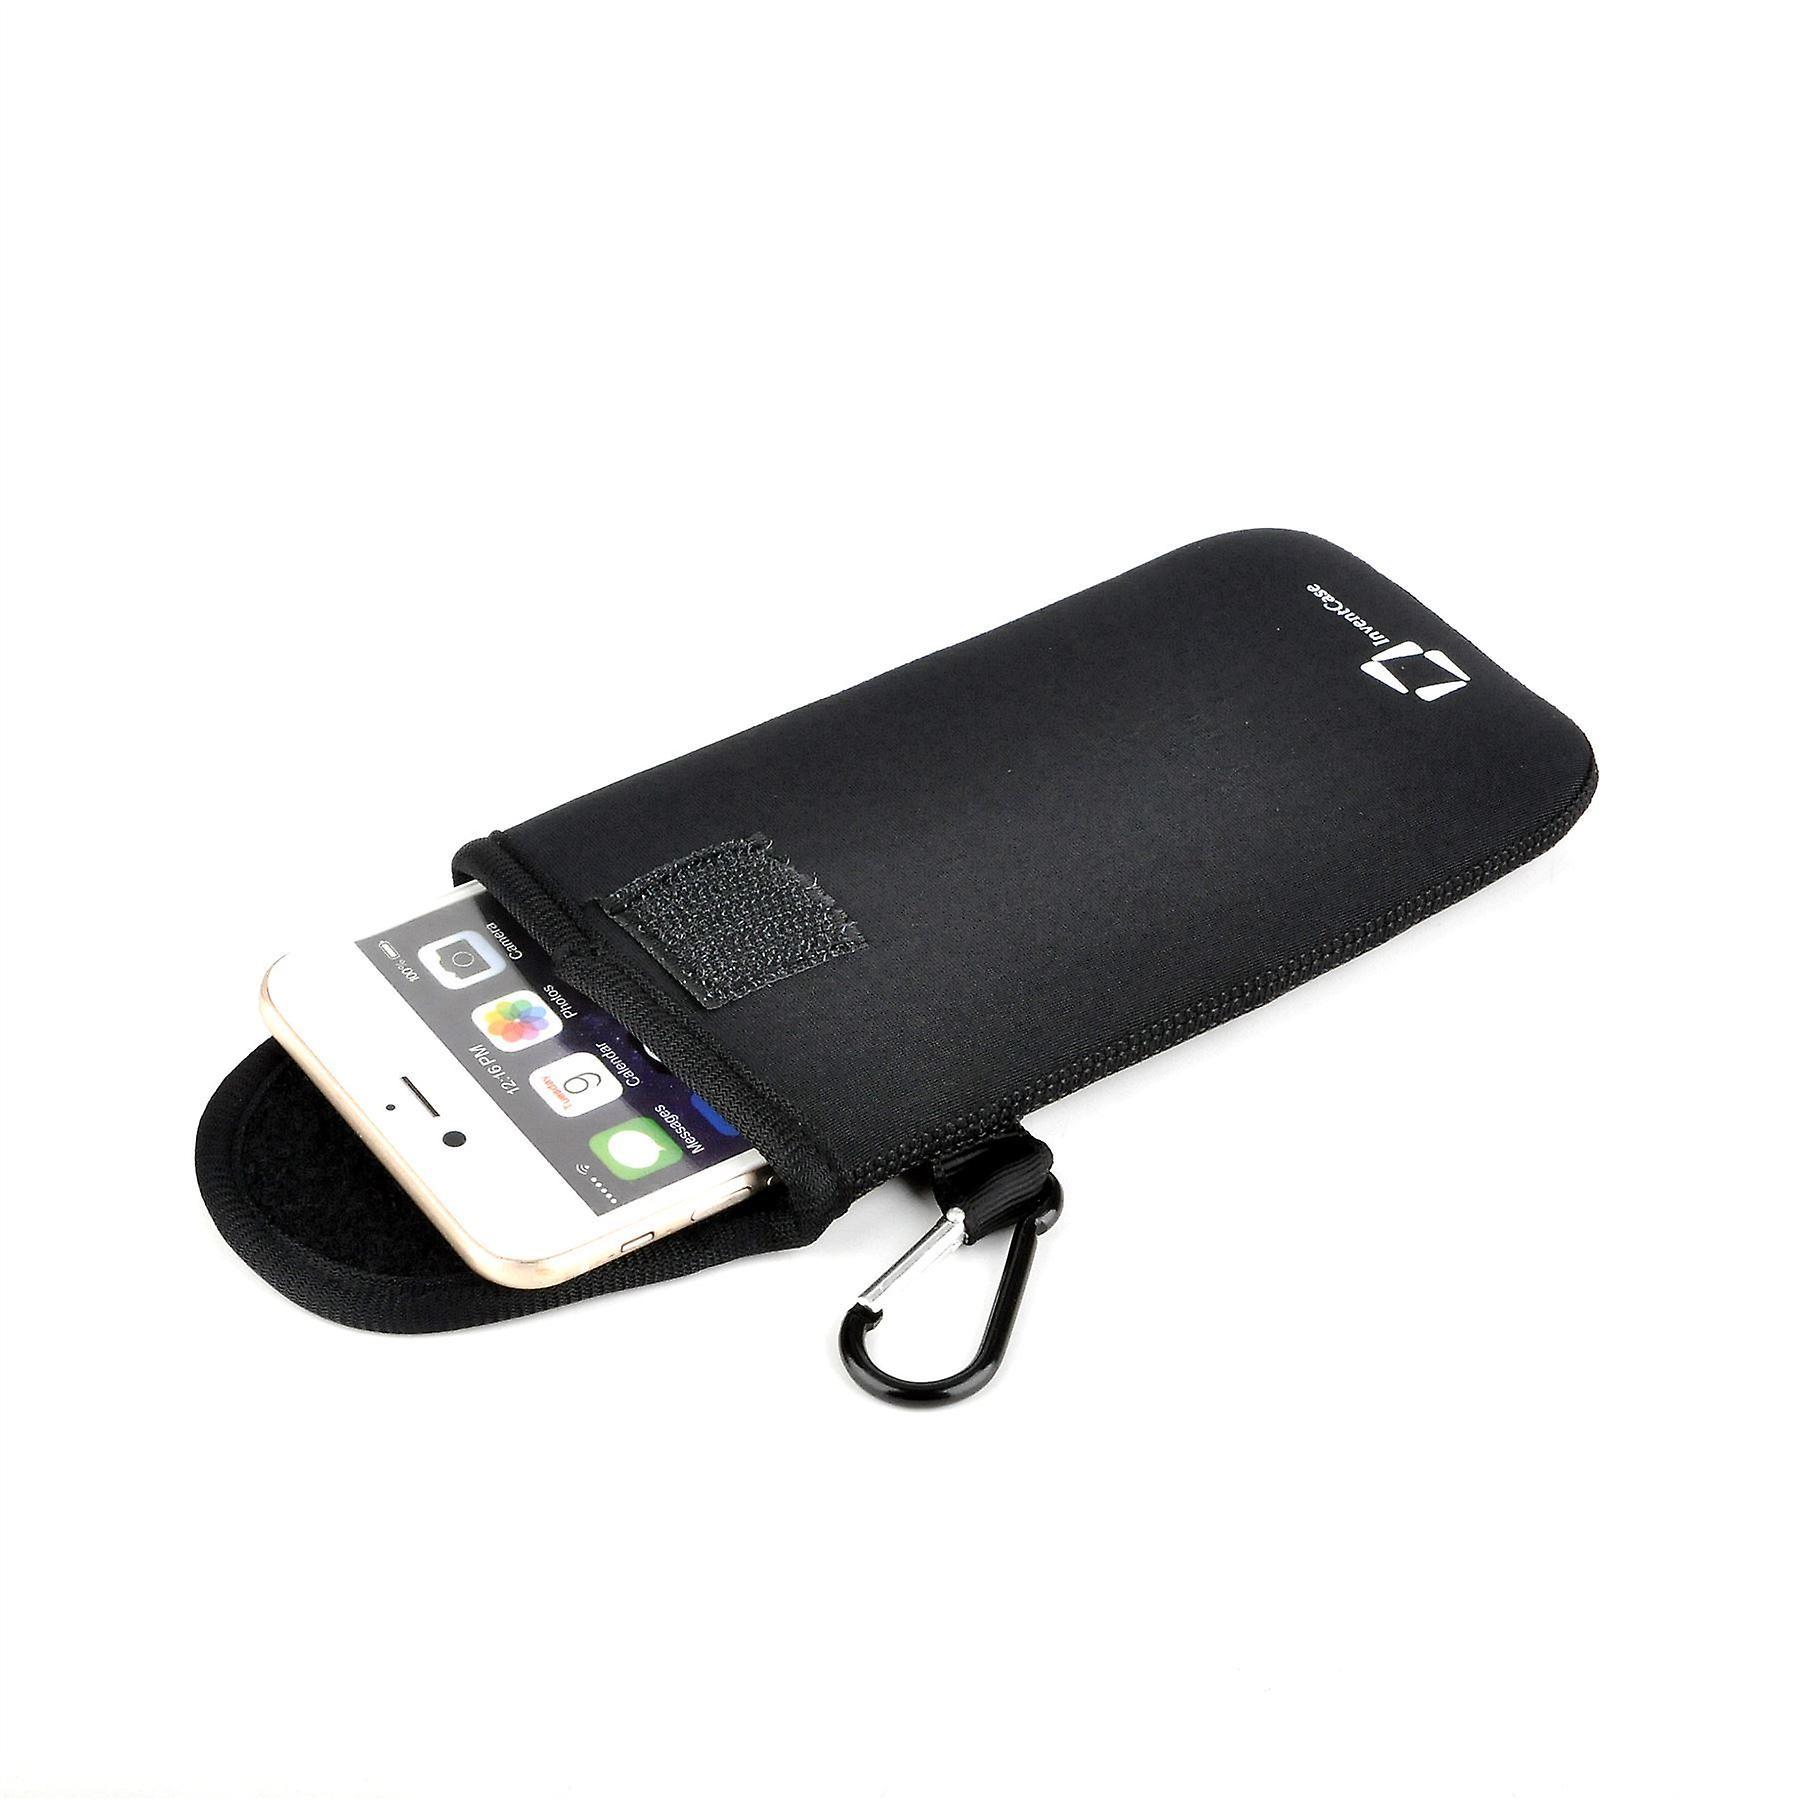 حقيبة تغطية القضية الحقيبة واقية مقاومة لتأثير النيوبرين إينفينتكاسي مع إغلاق Velcro والألمنيوم Carabiner لل جي L20-أسود